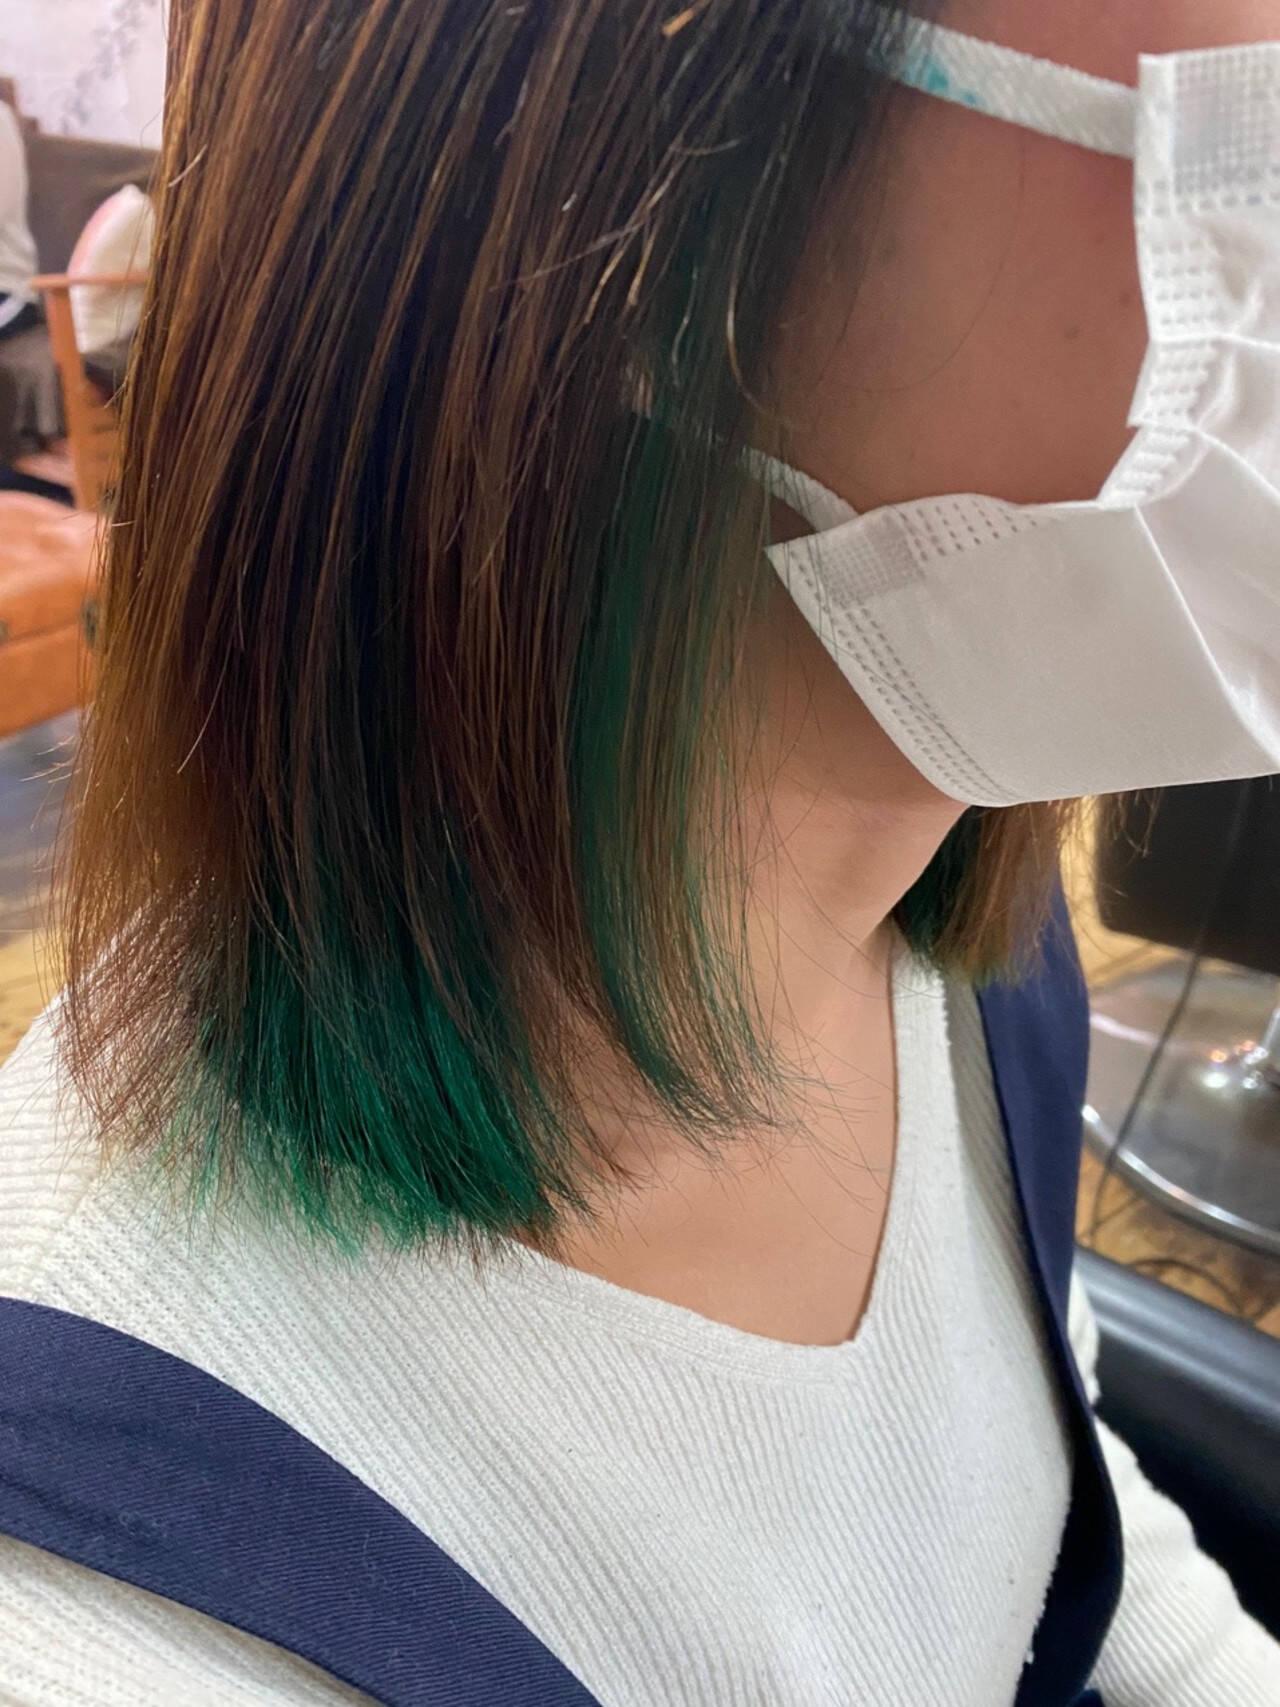 ダブルカラー インナーグリーン グリーン ボブヘアスタイルや髪型の写真・画像